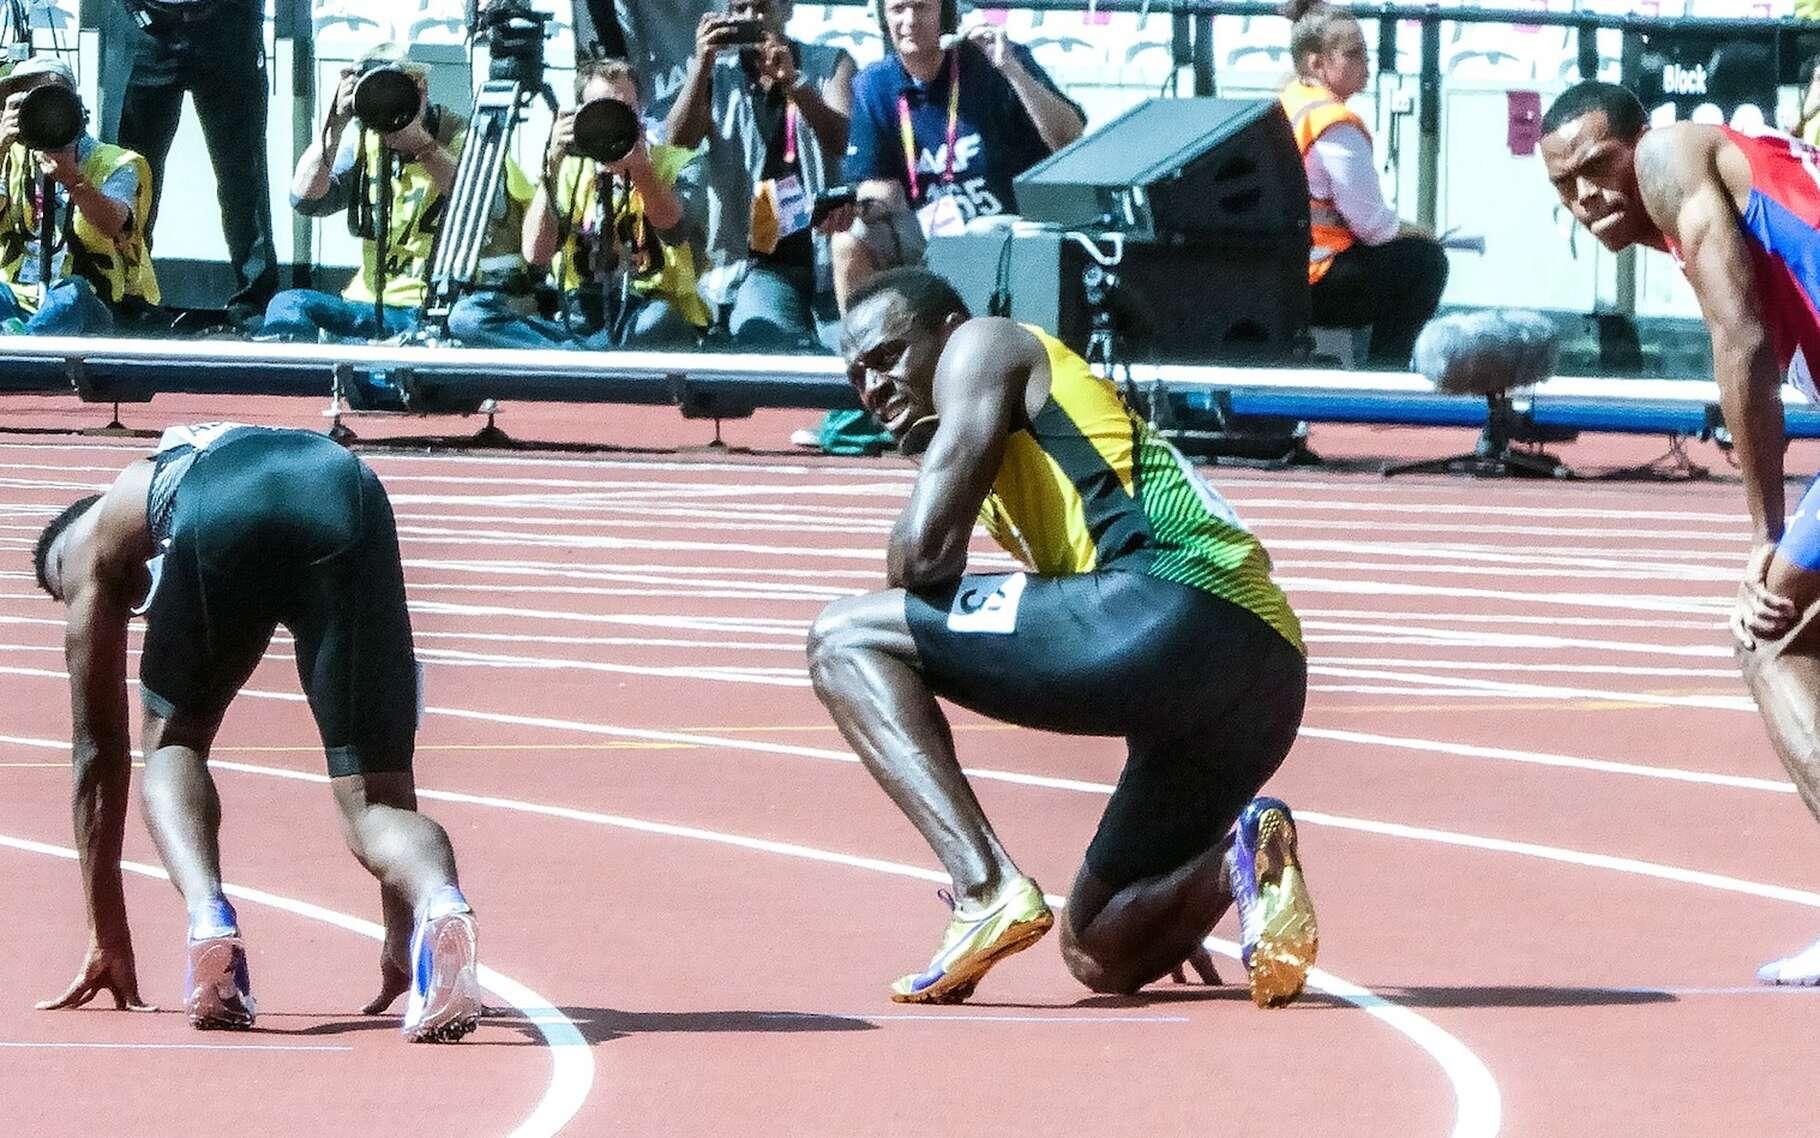 Usain Bolt – ici au milieu – est l'homme le plus rapide au monde. Mais sa vitesse moyenne sur 100 mètres n'excède pas les 40 km/h. © LawriePhipps, Pixabay, CC0 Creative Commons